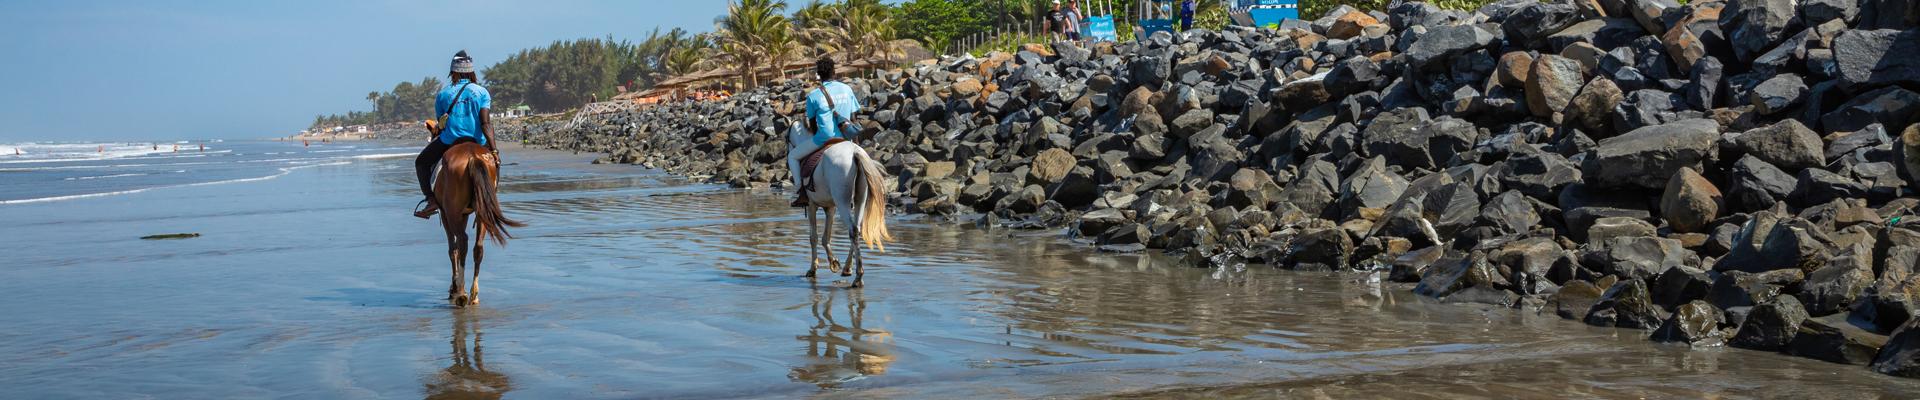 Serrekunda in The Gambia